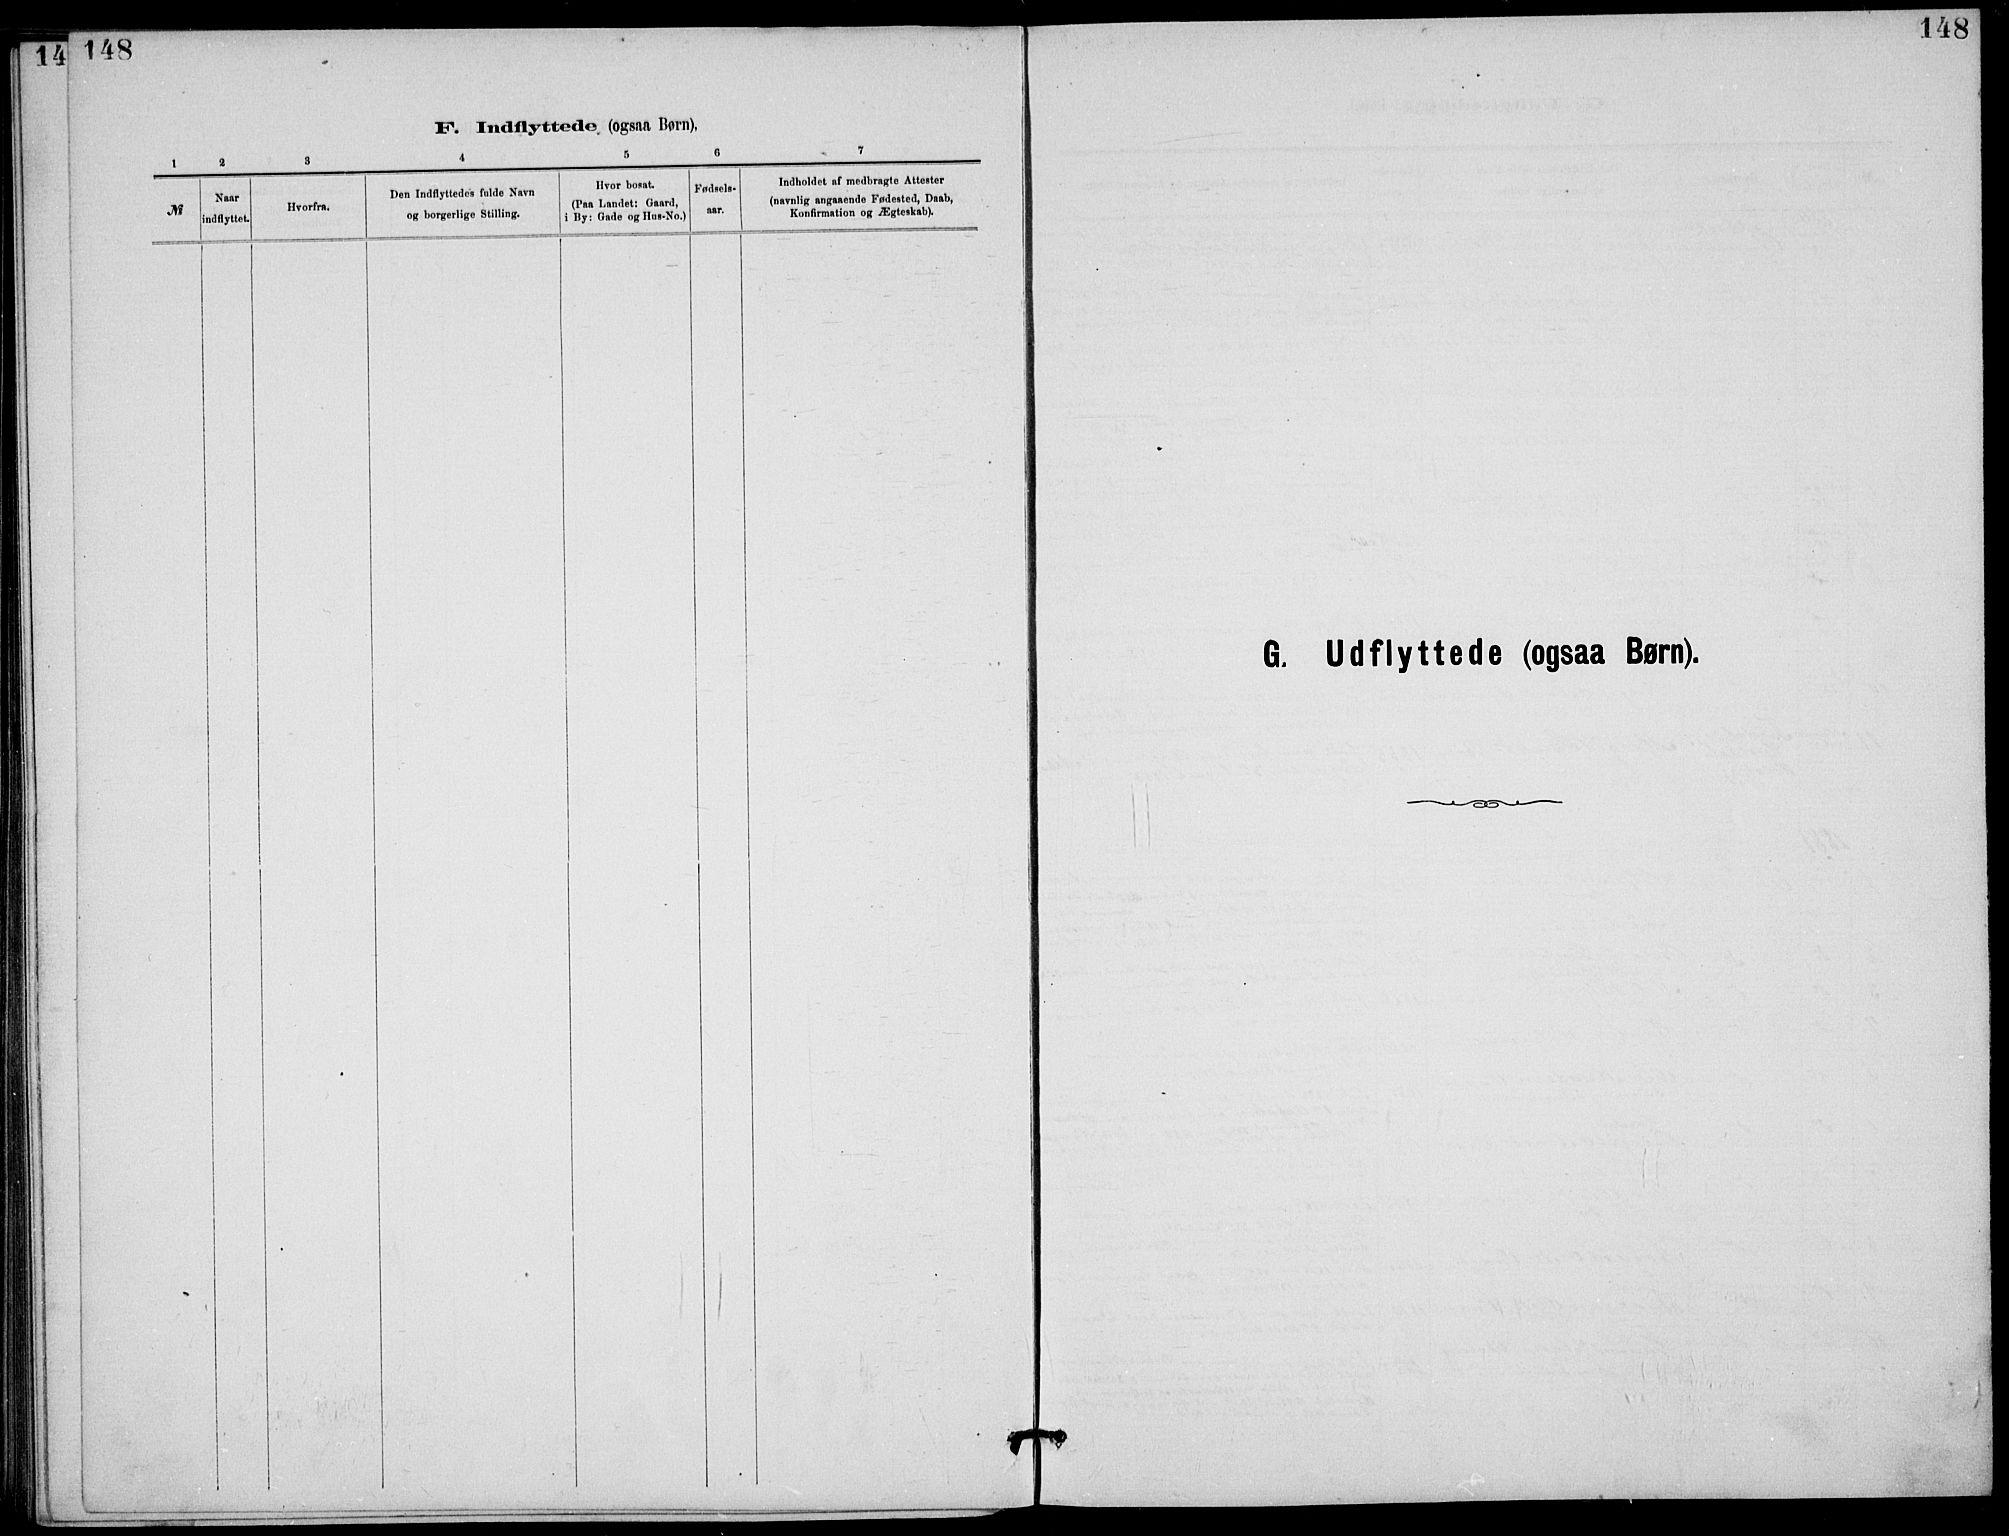 SAKO, Rjukan kirkebøker, G/Ga/L0001: Klokkerbok nr. 1, 1880-1914, s. 148